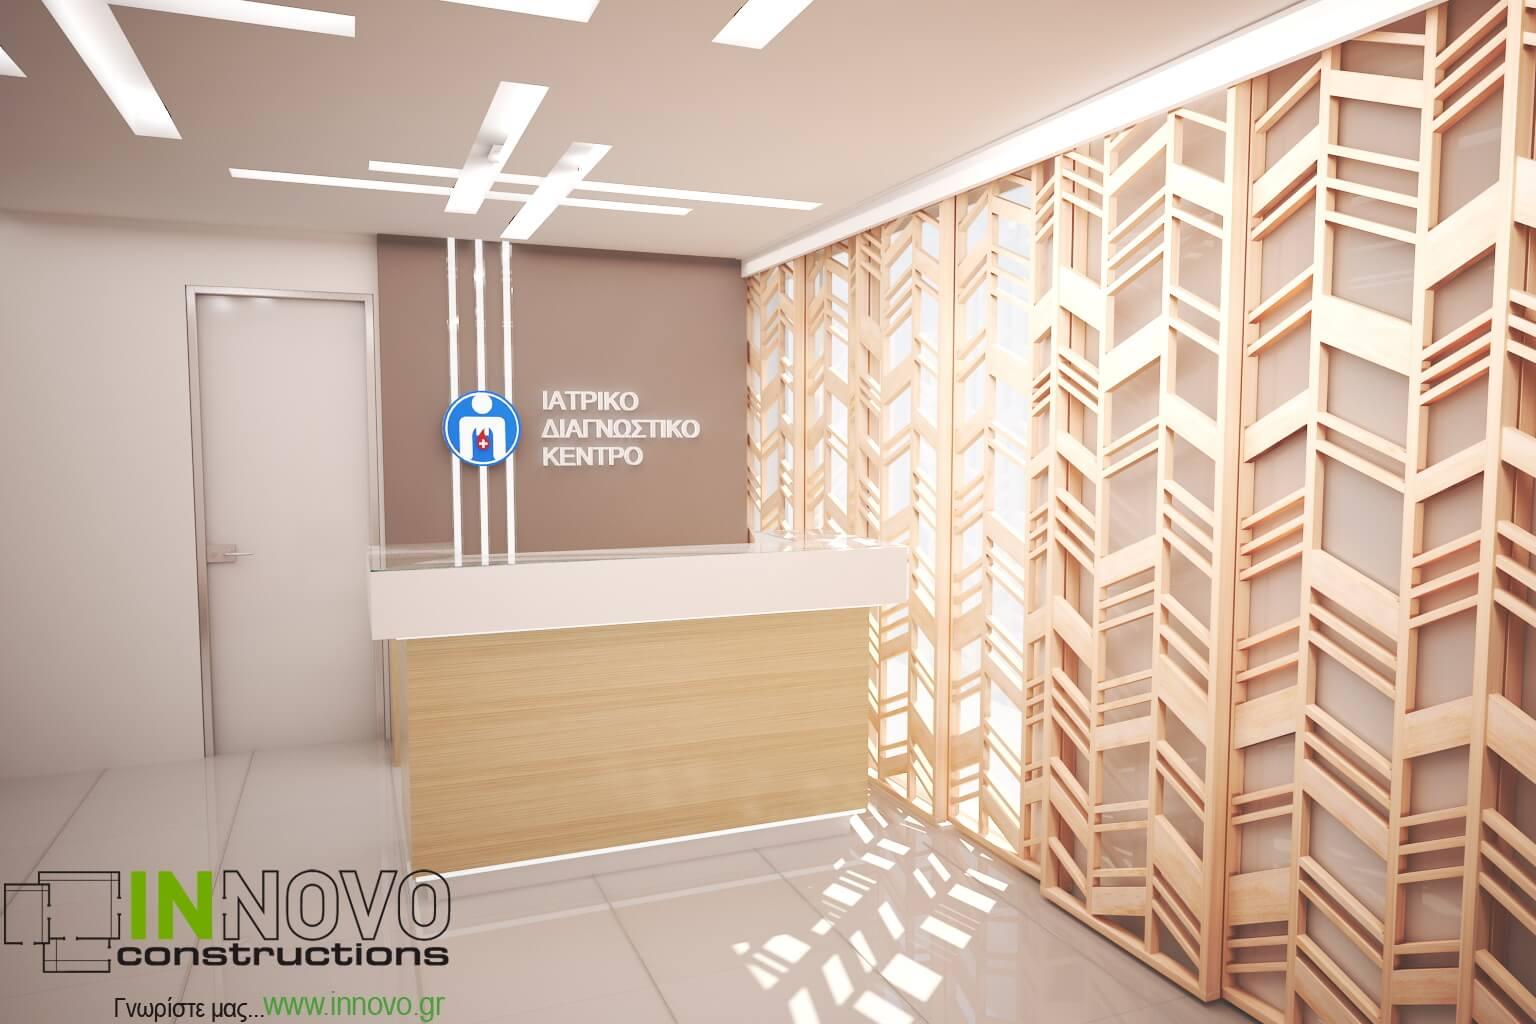 Σχεδιασμός reception διαγνωστικού κέντρου στην Καλλιθέα